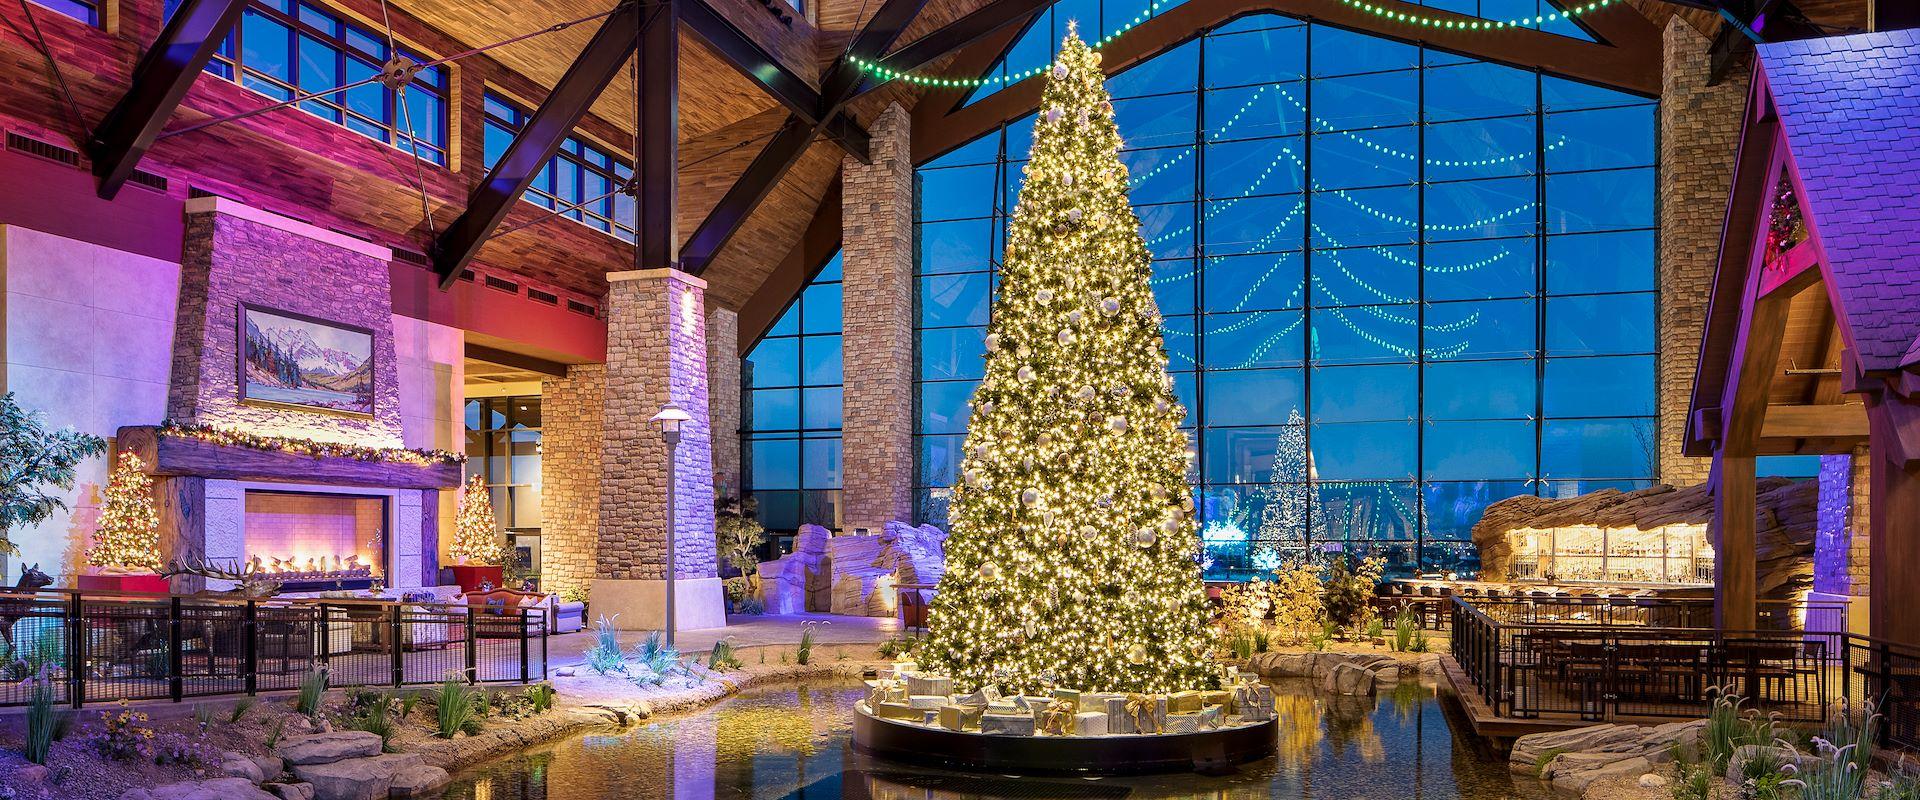 Grand lodge Christmas tree at Gaylord Rockies